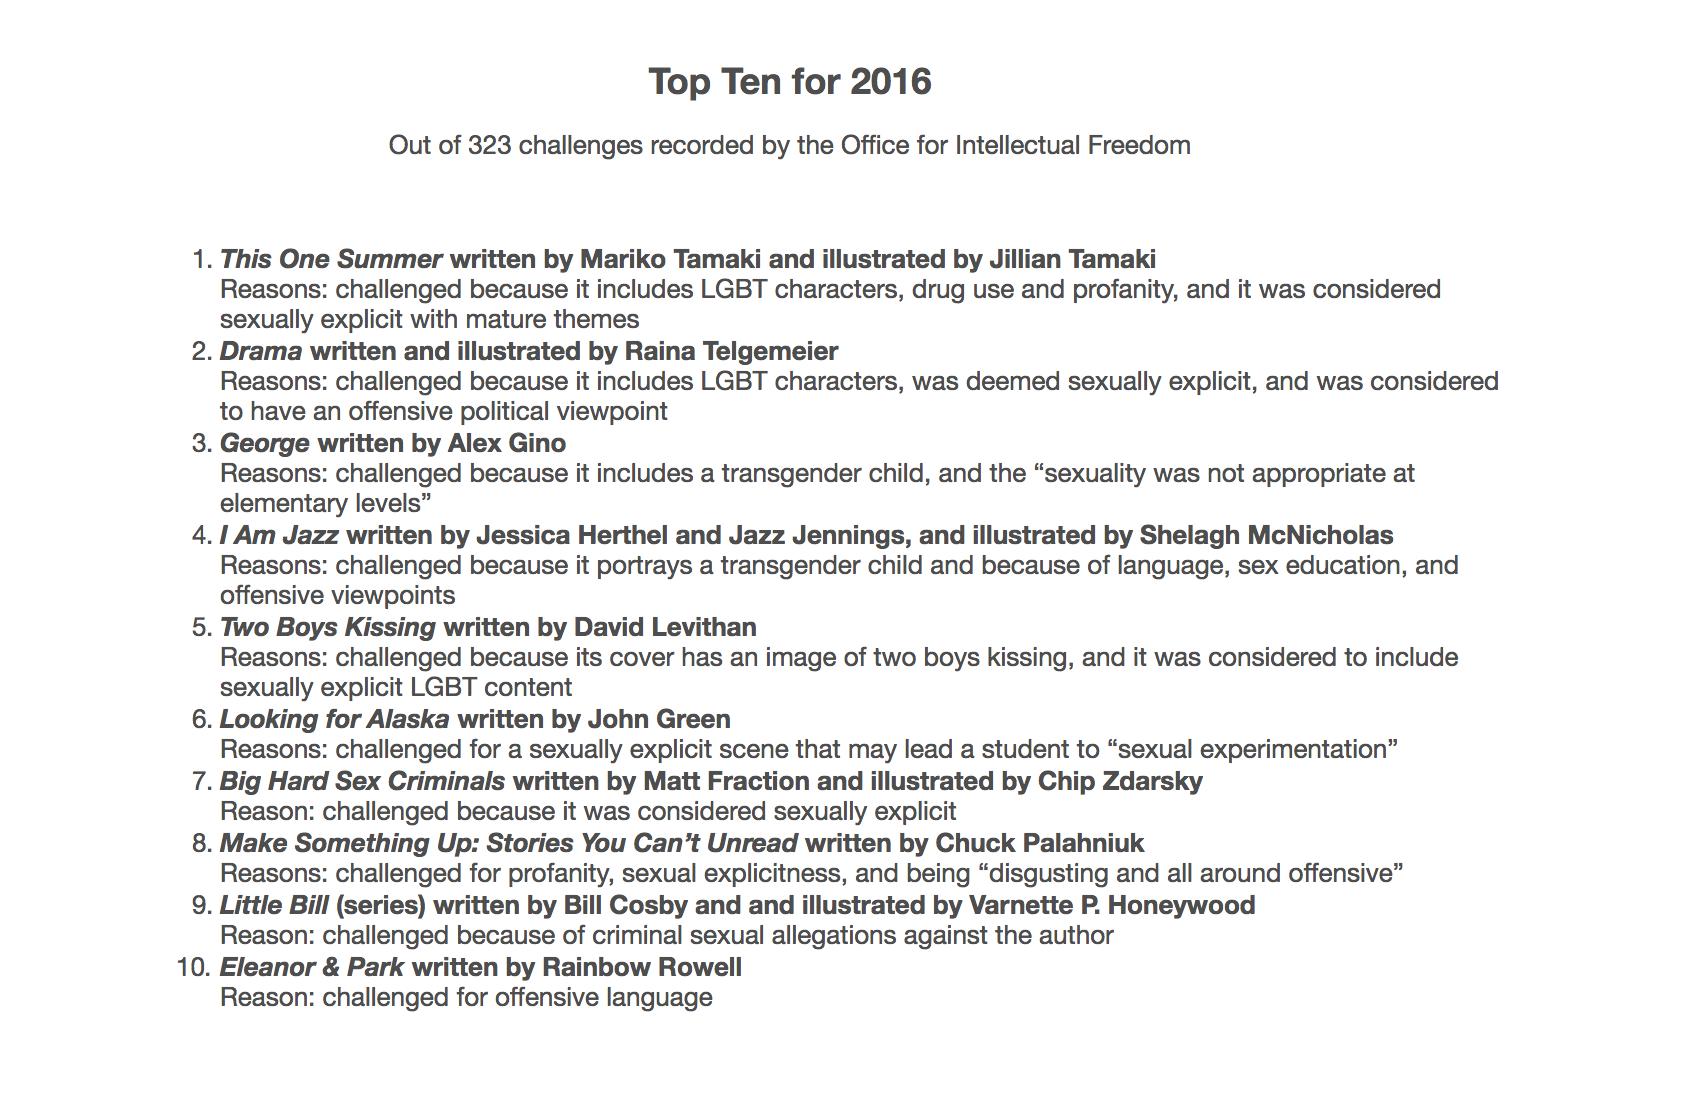 アメリカ図書館協会による「Top Ten Most Challenged Books Lists」のページより(スクリーンショット)